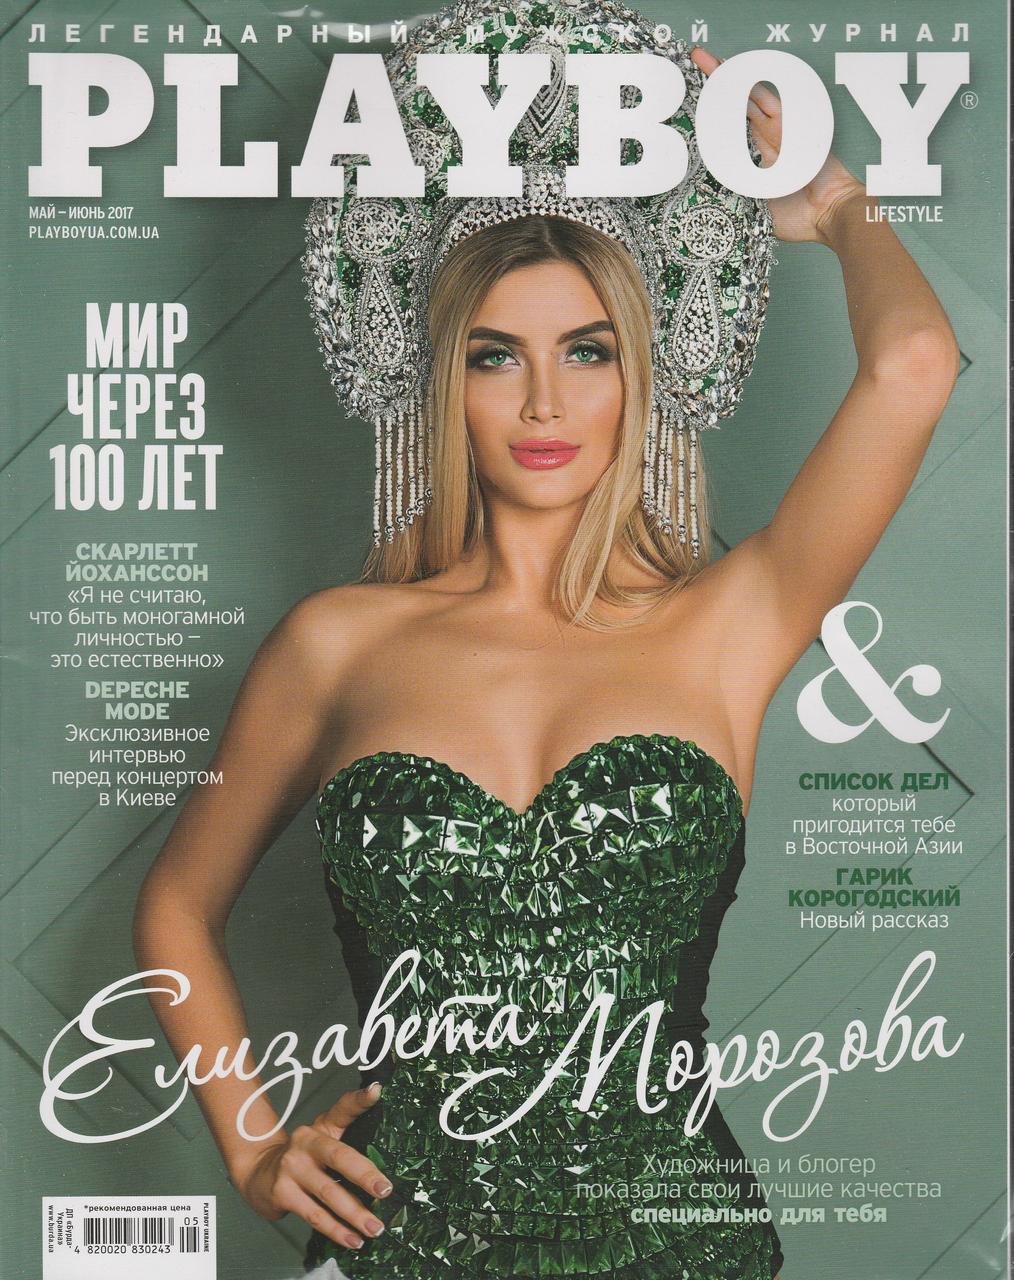 Журнал Плейбой (Playboy) №5-6/2017